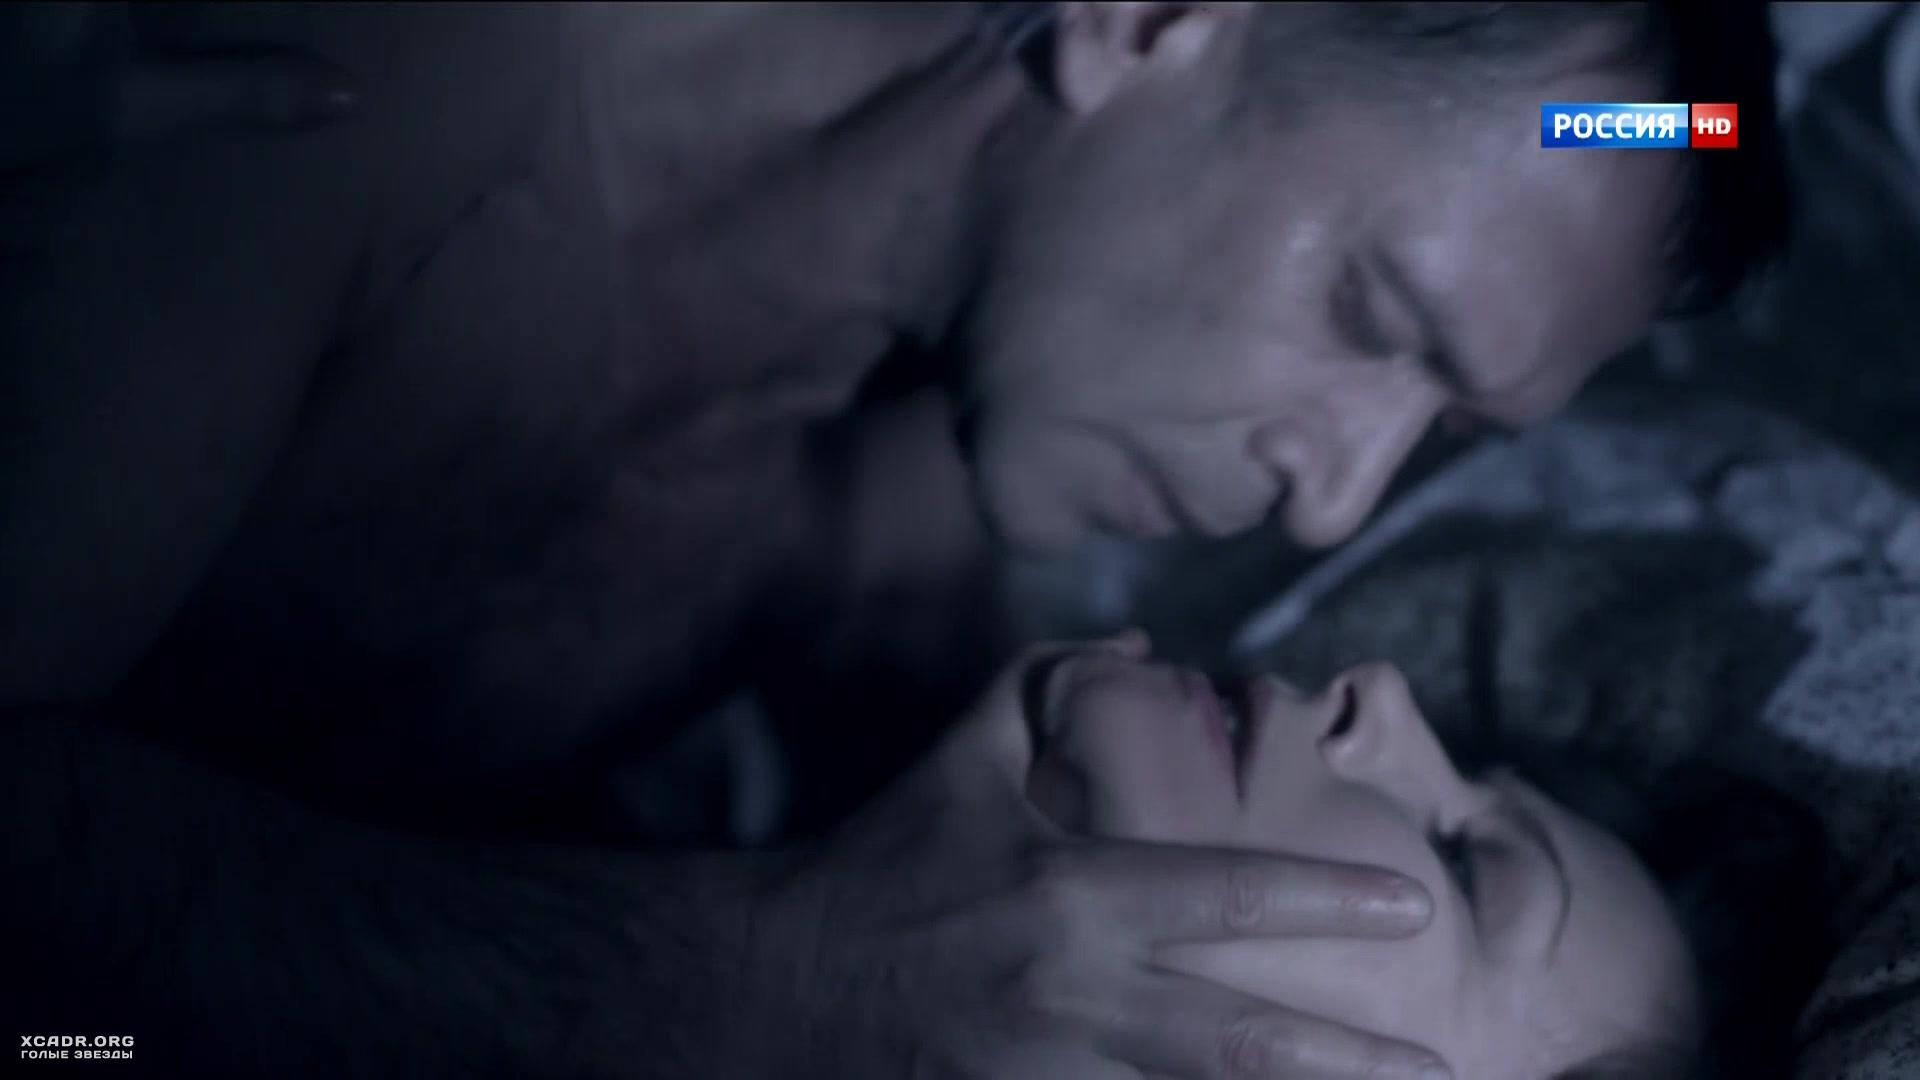 Жесткое порно - самый некультурный и жесткий секс